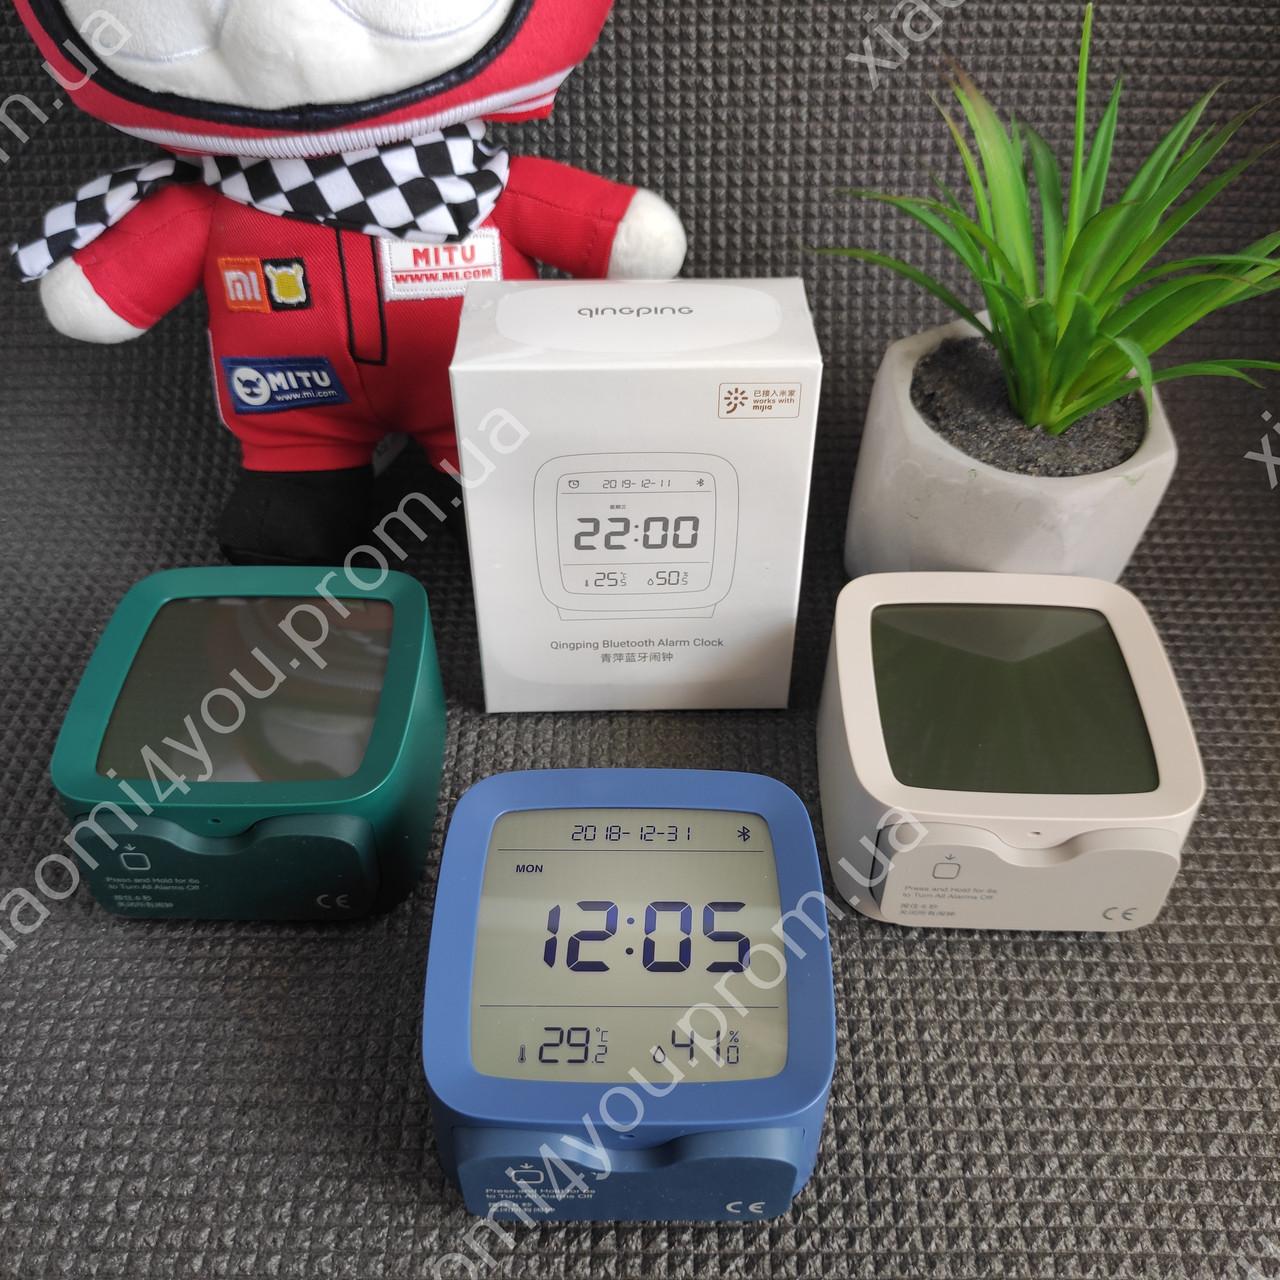 New! Умный Будильник Xiaomi Qingping Bluetooth Alarm Clock.Термометр\Гигрометр\Часы с подсветкой и будильником